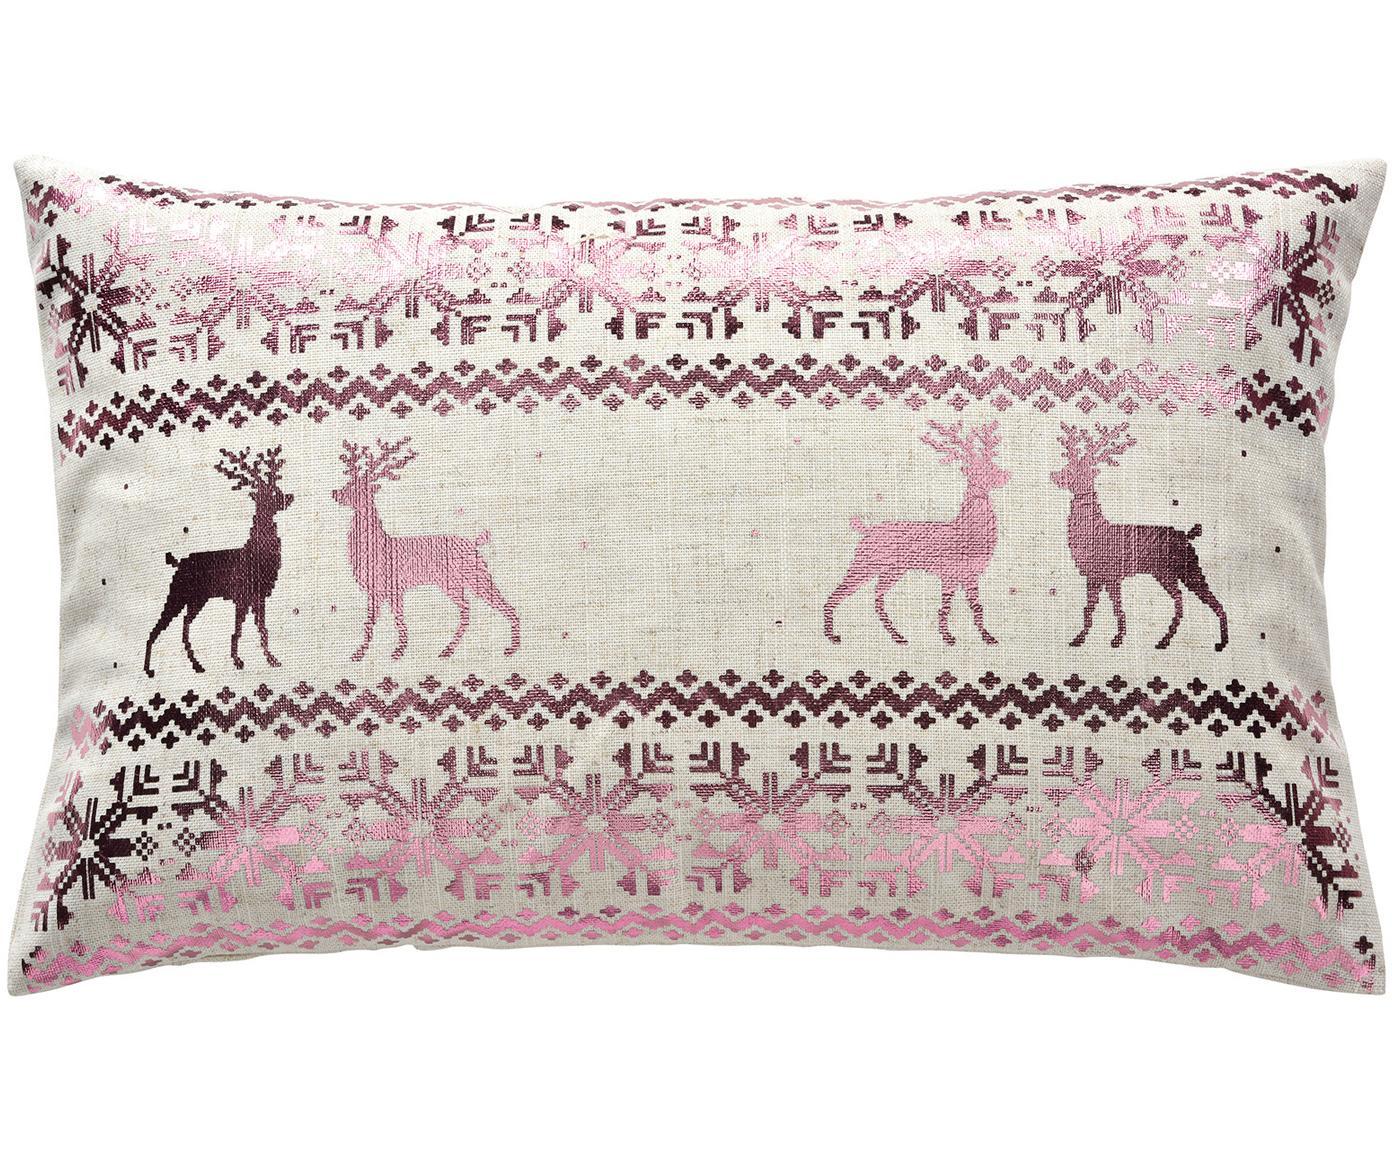 Poszewka na poduszkę Lodge, 95% poliester, 5% len, Różowy, beżowy, S 30 x D 50 cm